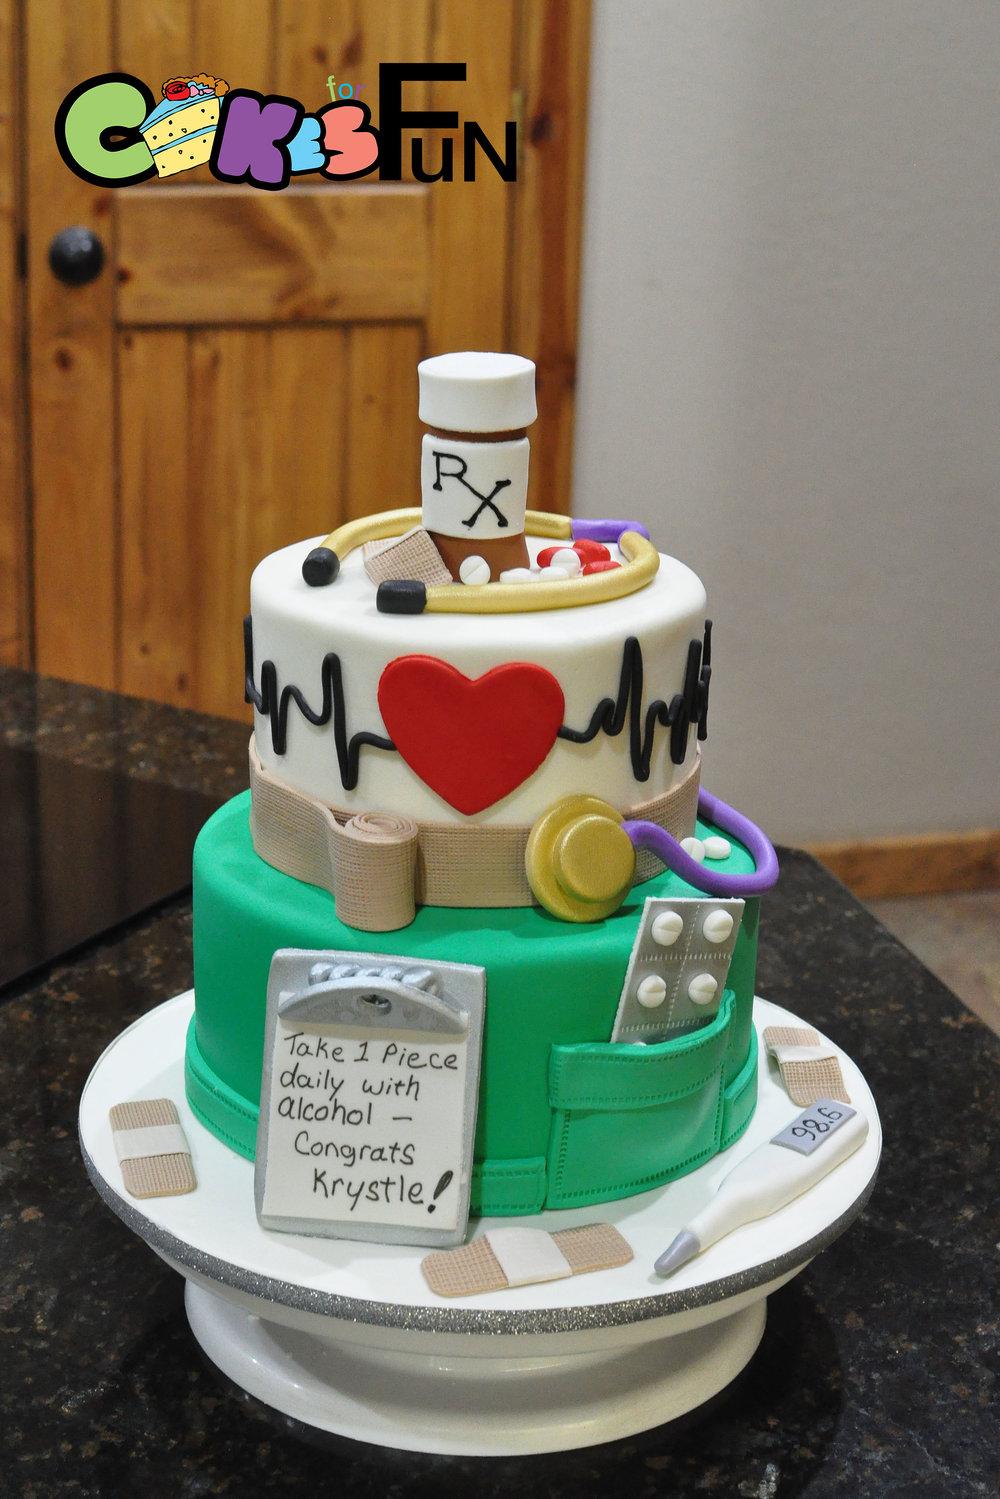 nursing cake -paris-05112018.jpg